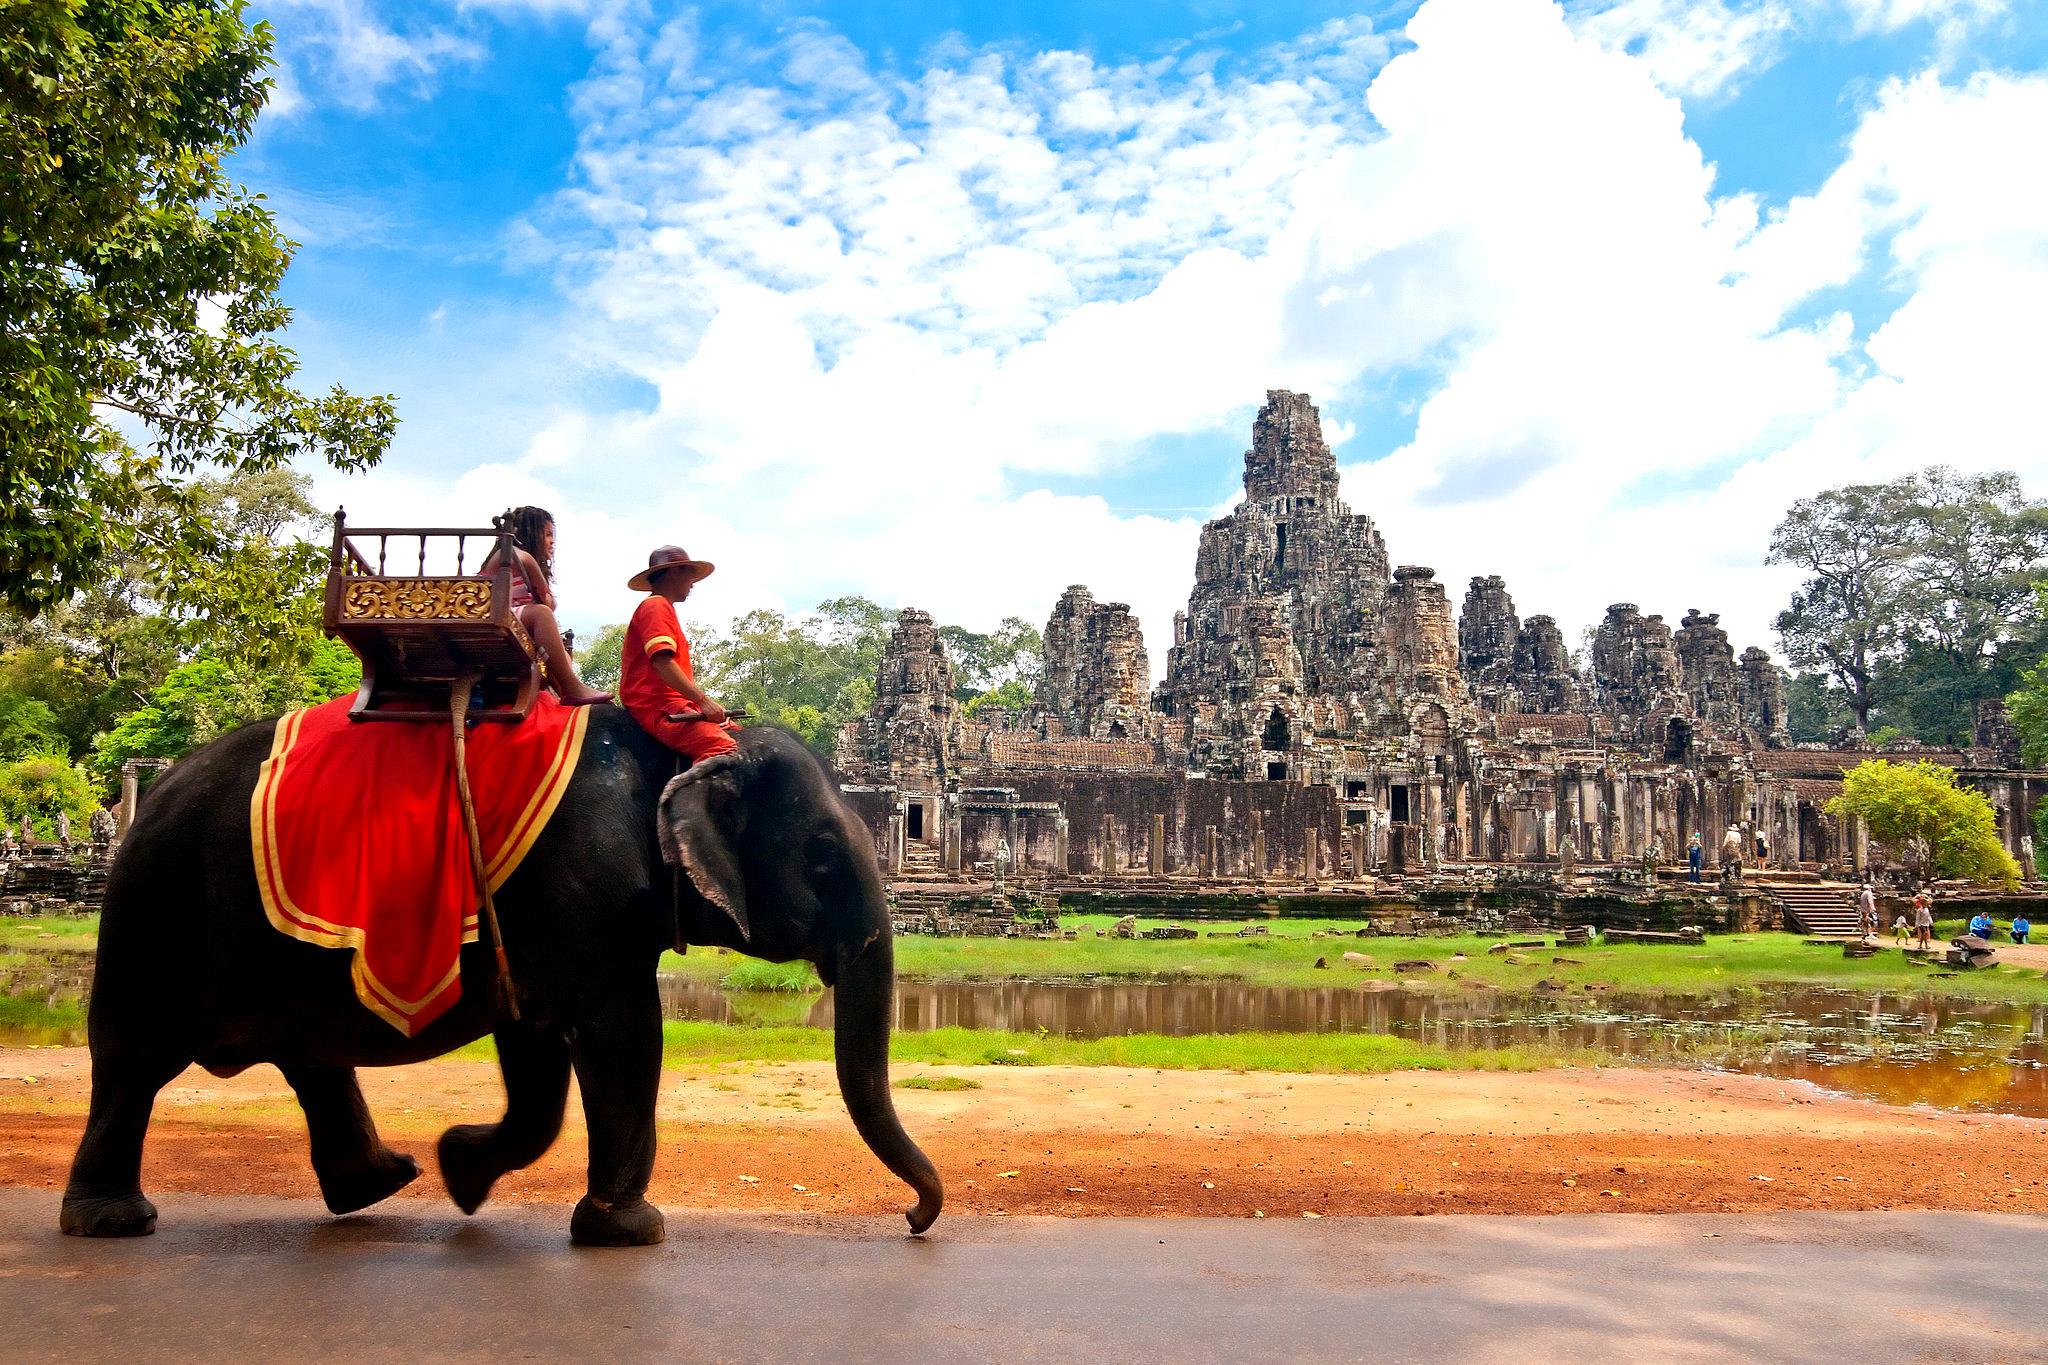 Камбоджа может стать потенциальным рынком для товаров из Индонезии